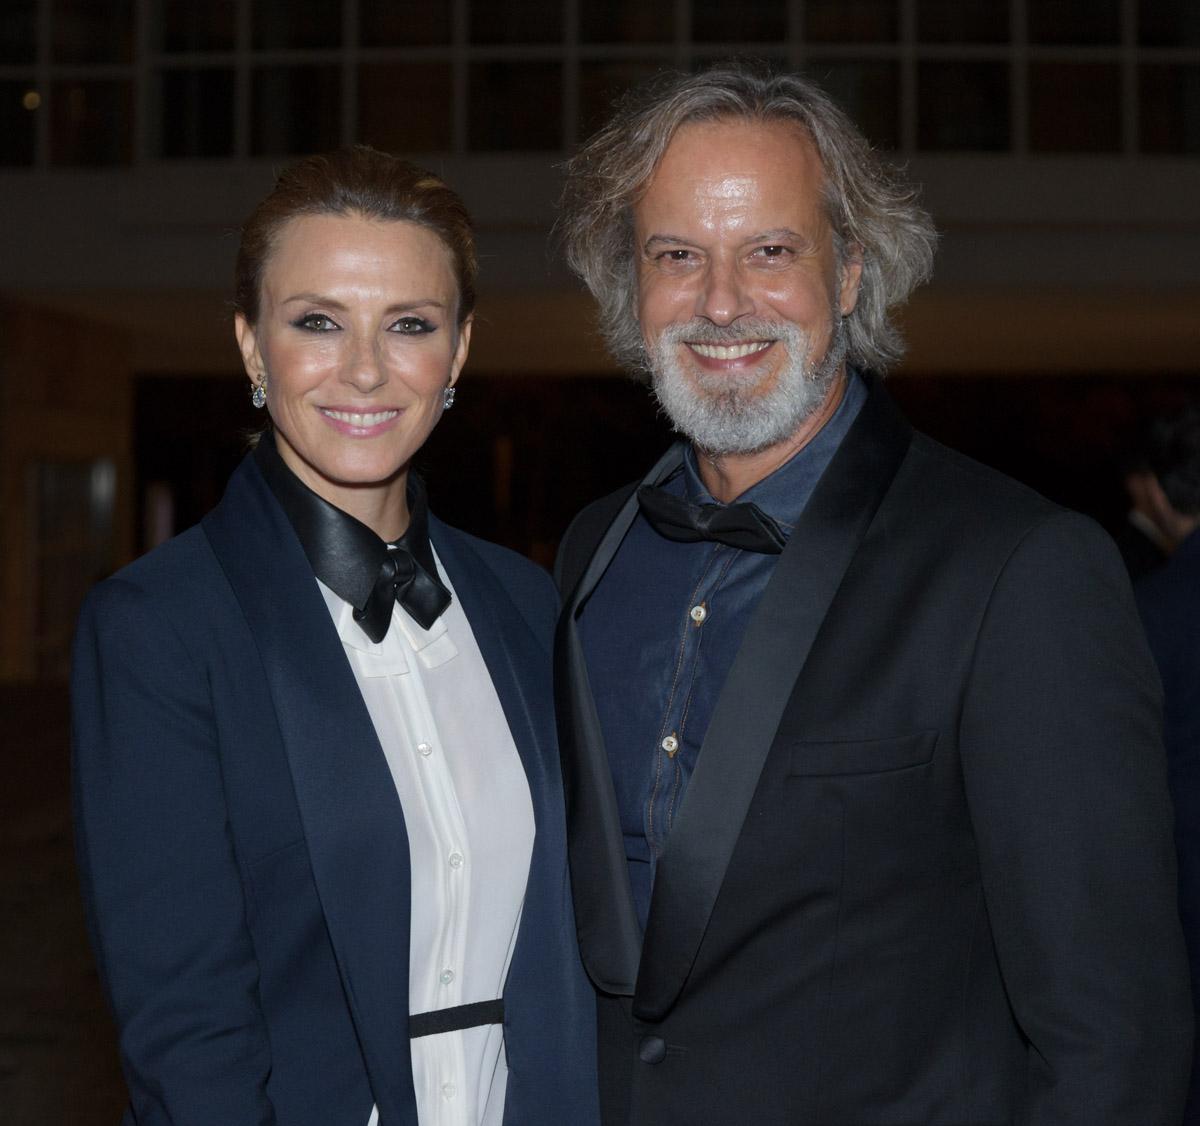 Sofia Cerveira e Ricardo Carriço